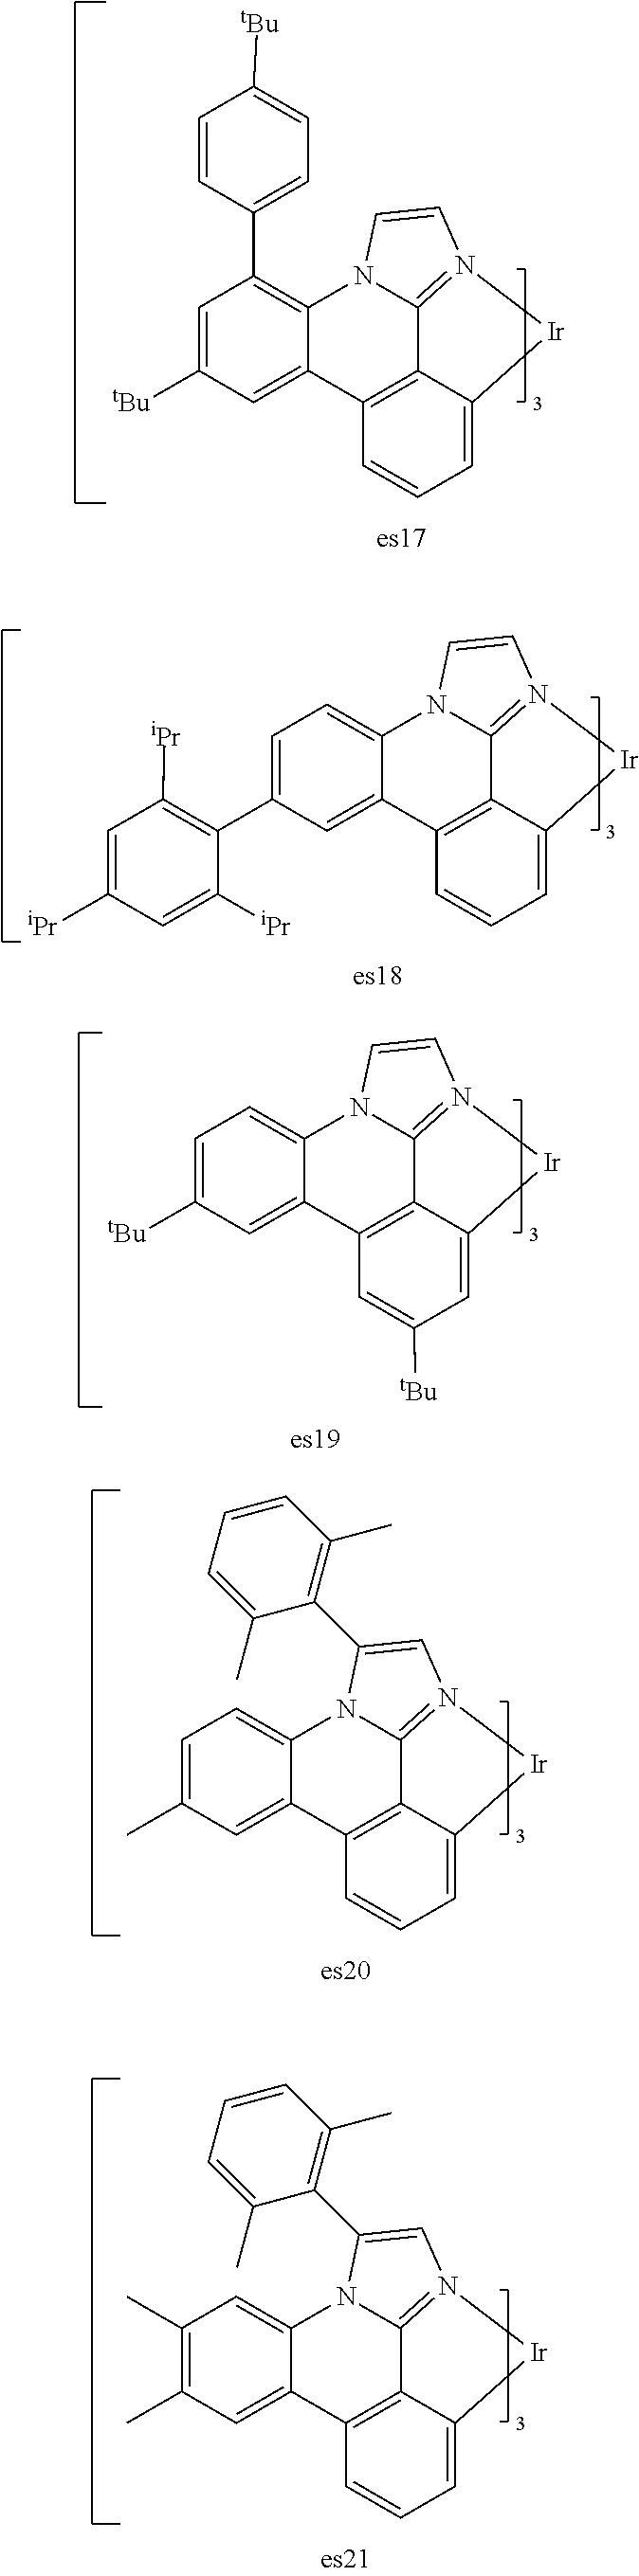 Figure US07915415-20110329-C00189